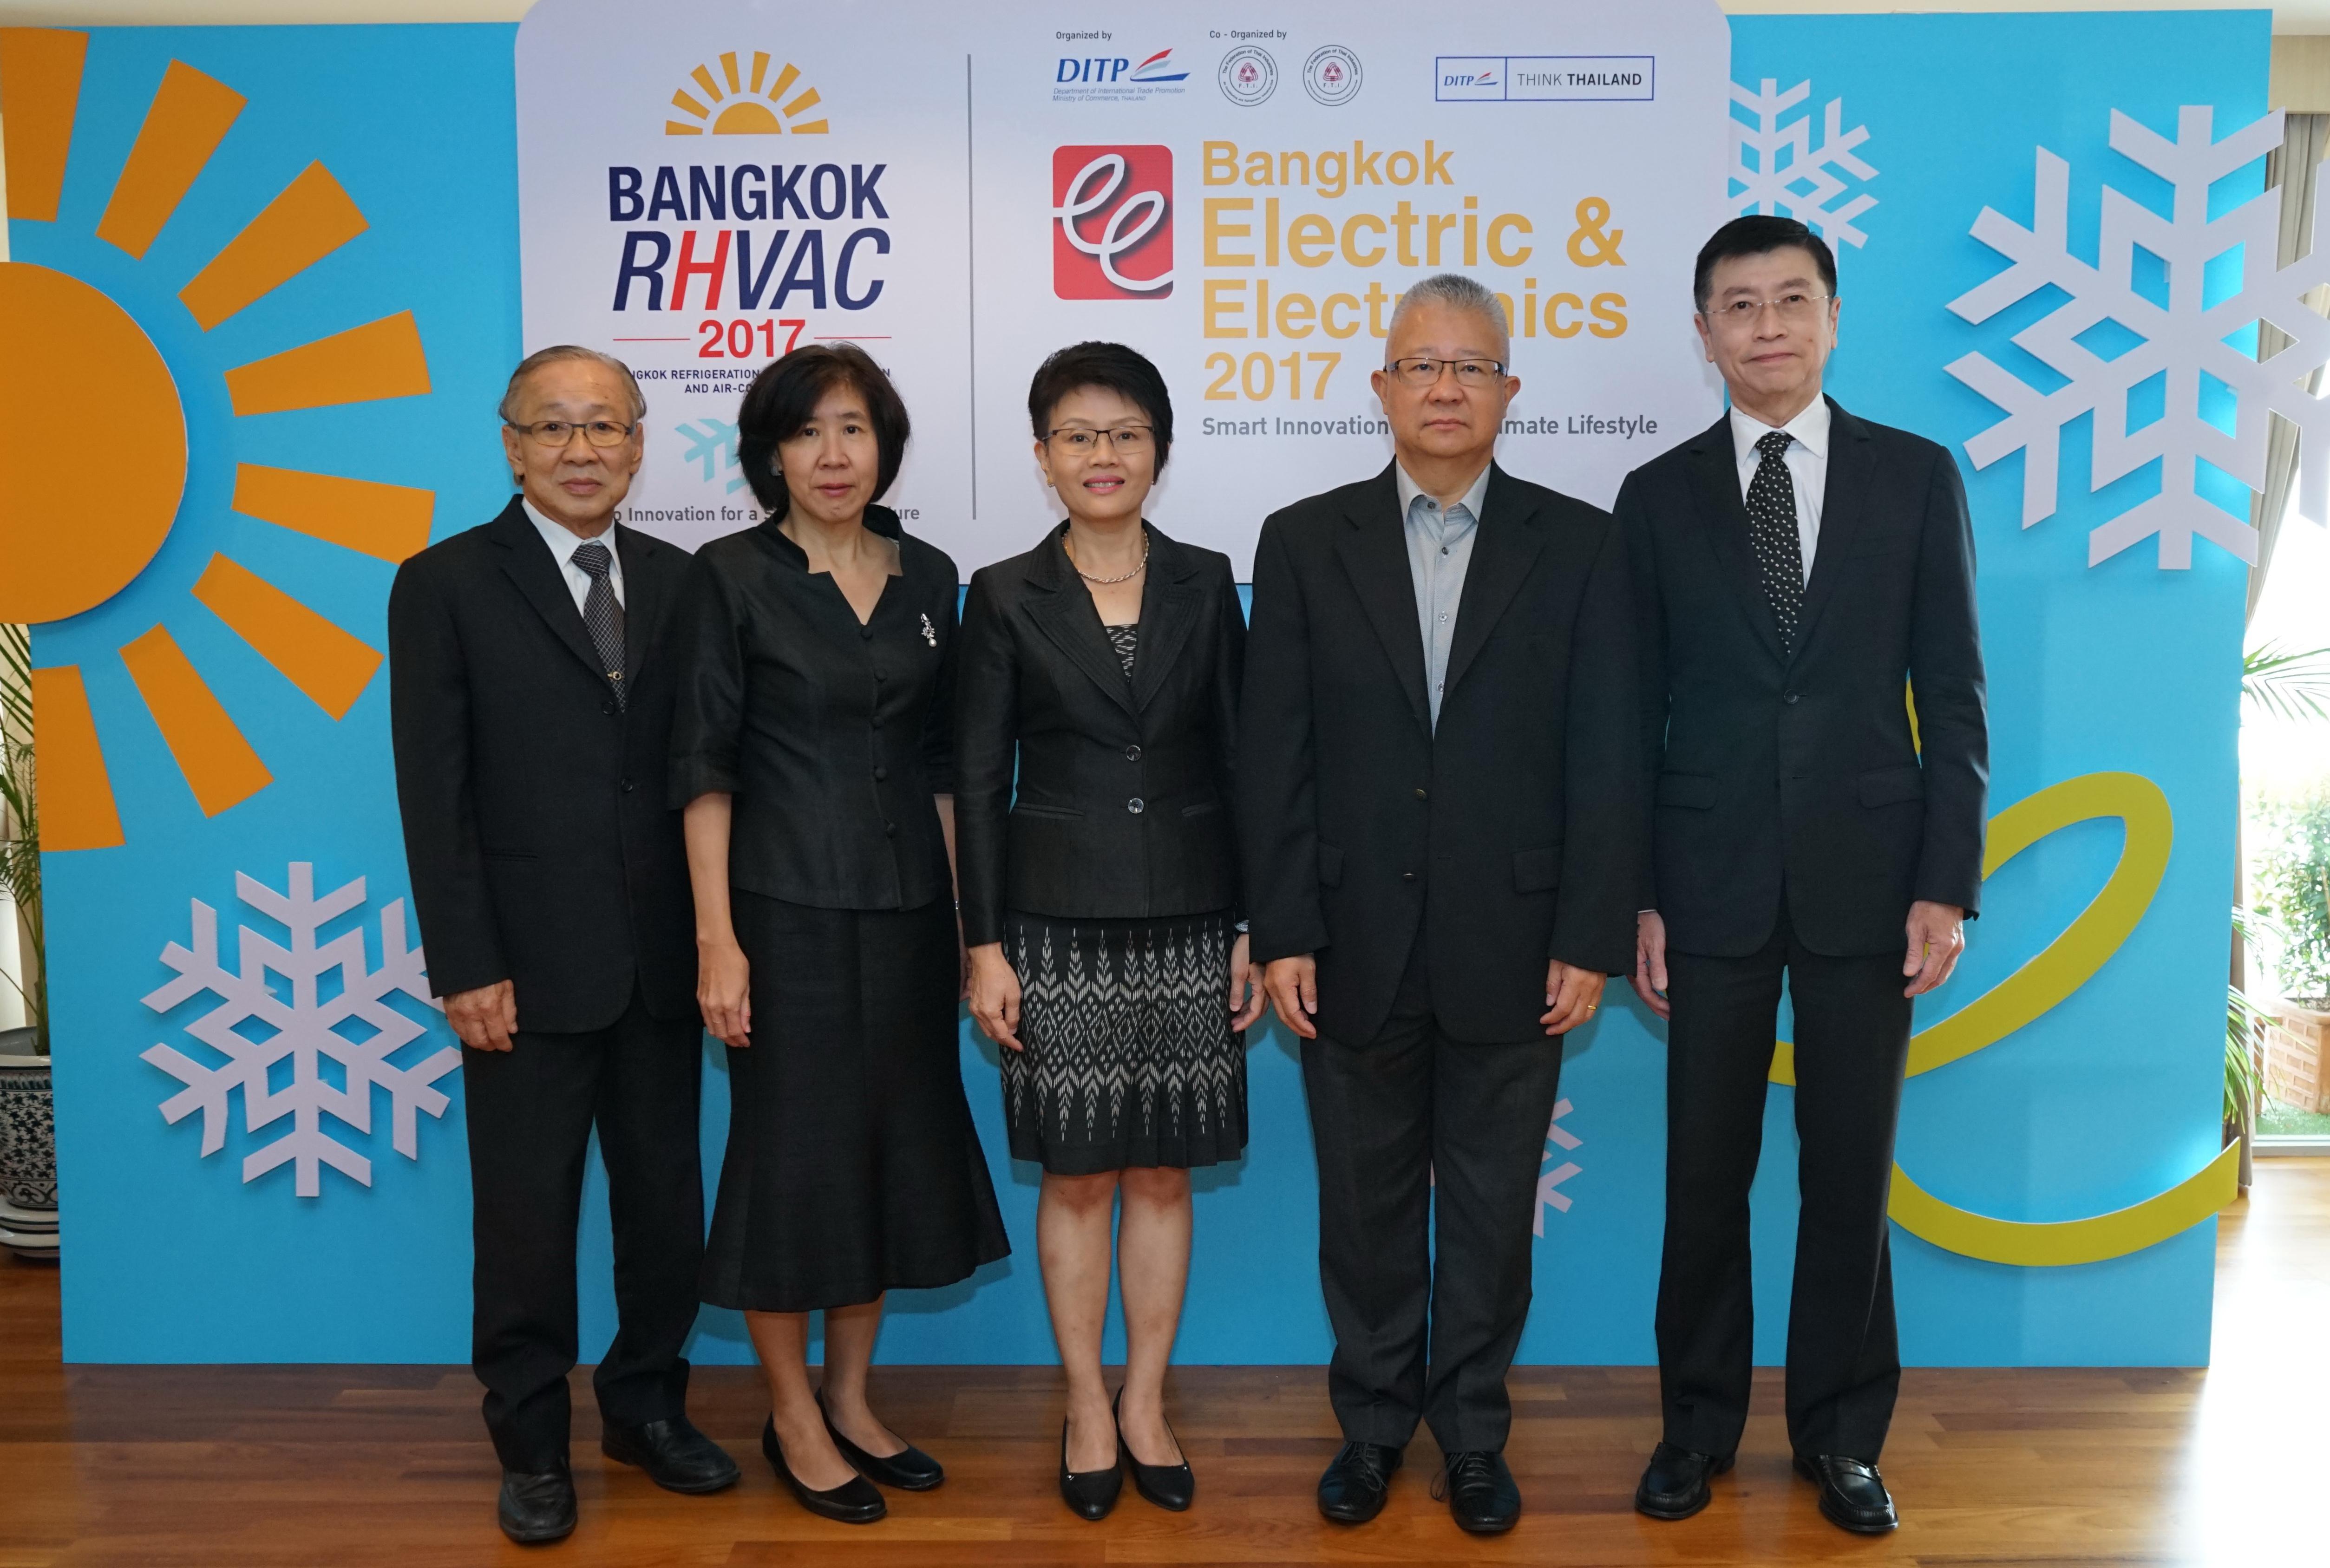 Bangkok RHVAC 2017 และ Bangkok E&E 2017